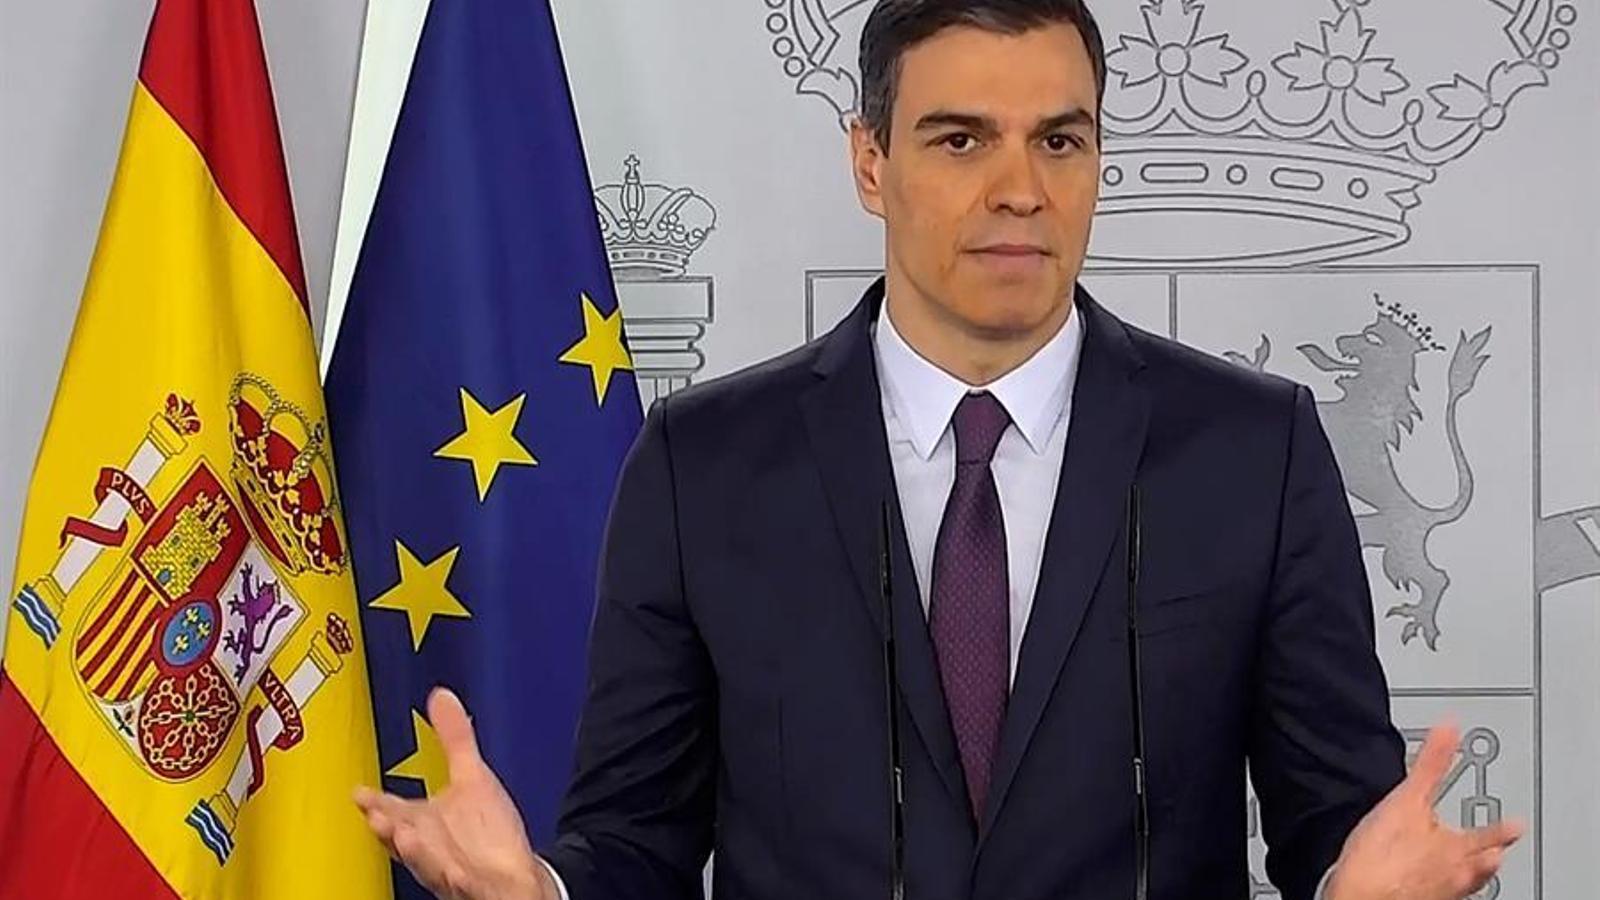 El president del govern espanyol, Pedro Sánchez, durant la compareixença que ha fet aquest dissabte al migdia per anuncia que demanarà prorrogar l'estat d'alarma, en principi per última vegada,  un mes més